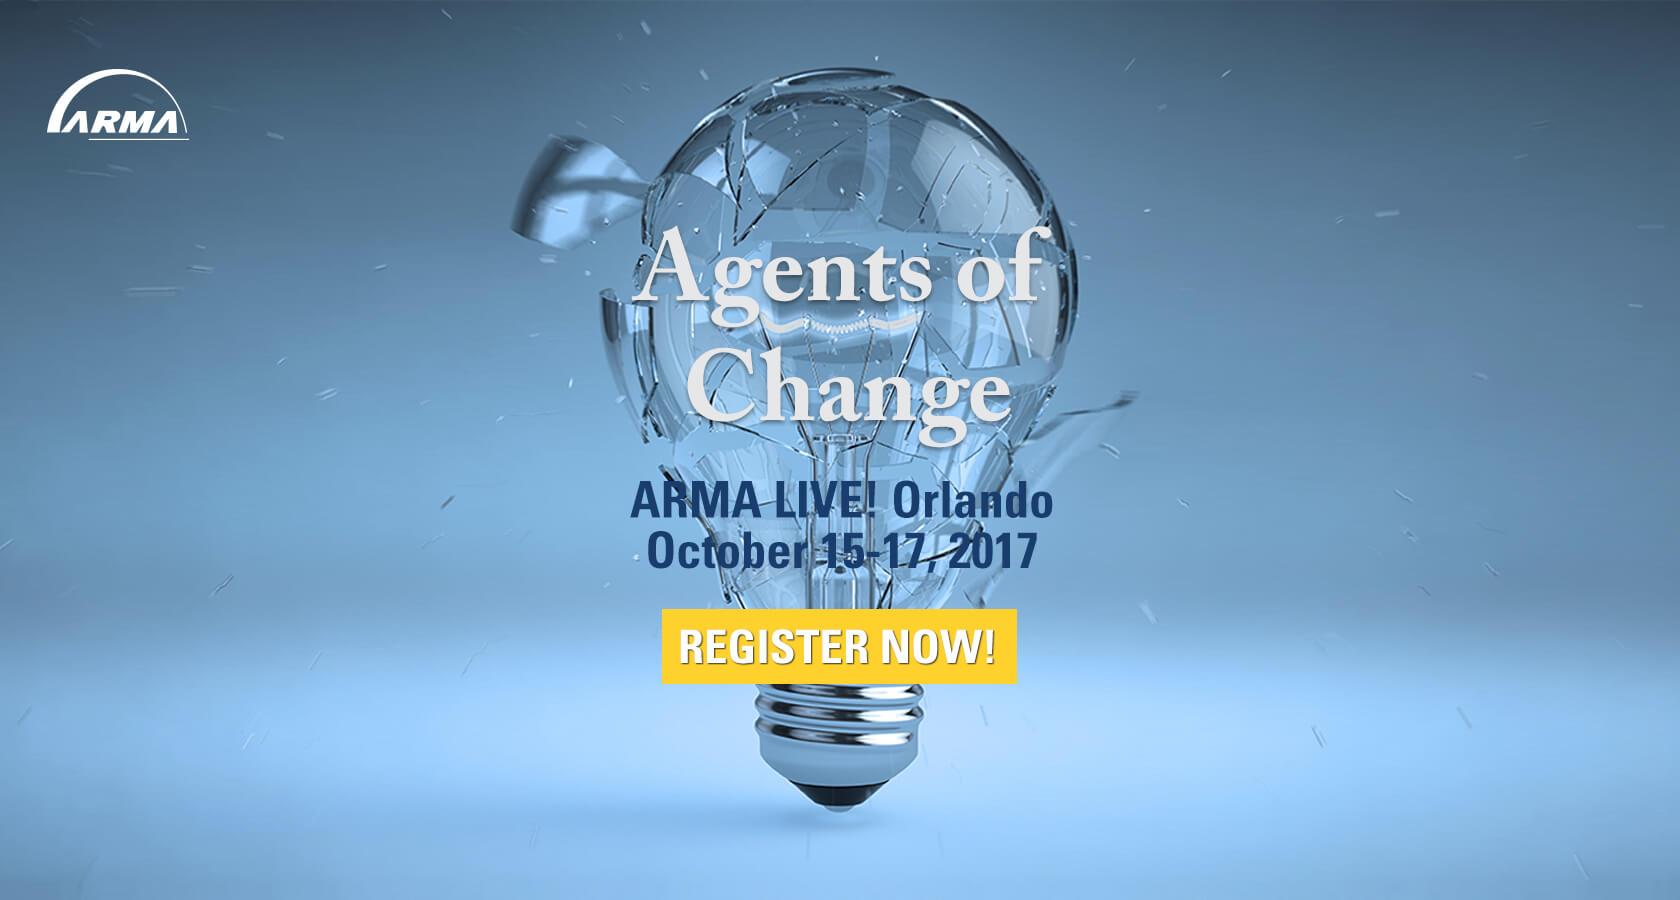 ARMA Live! Orlando Register